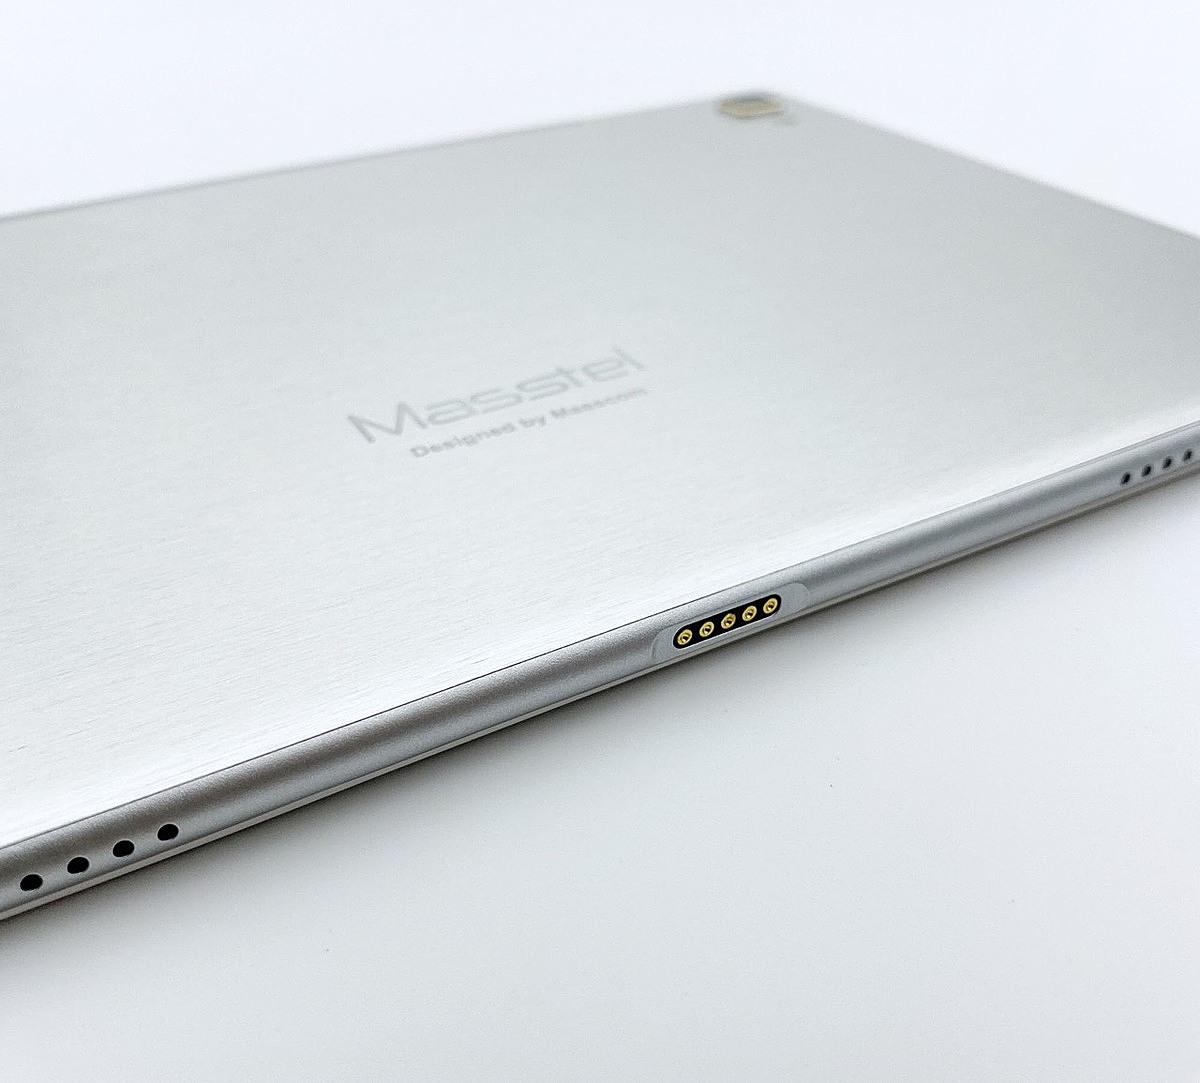 Tab10 Ultra có bề ngoài chắc chắn. Ảnh: Việt Masstel.